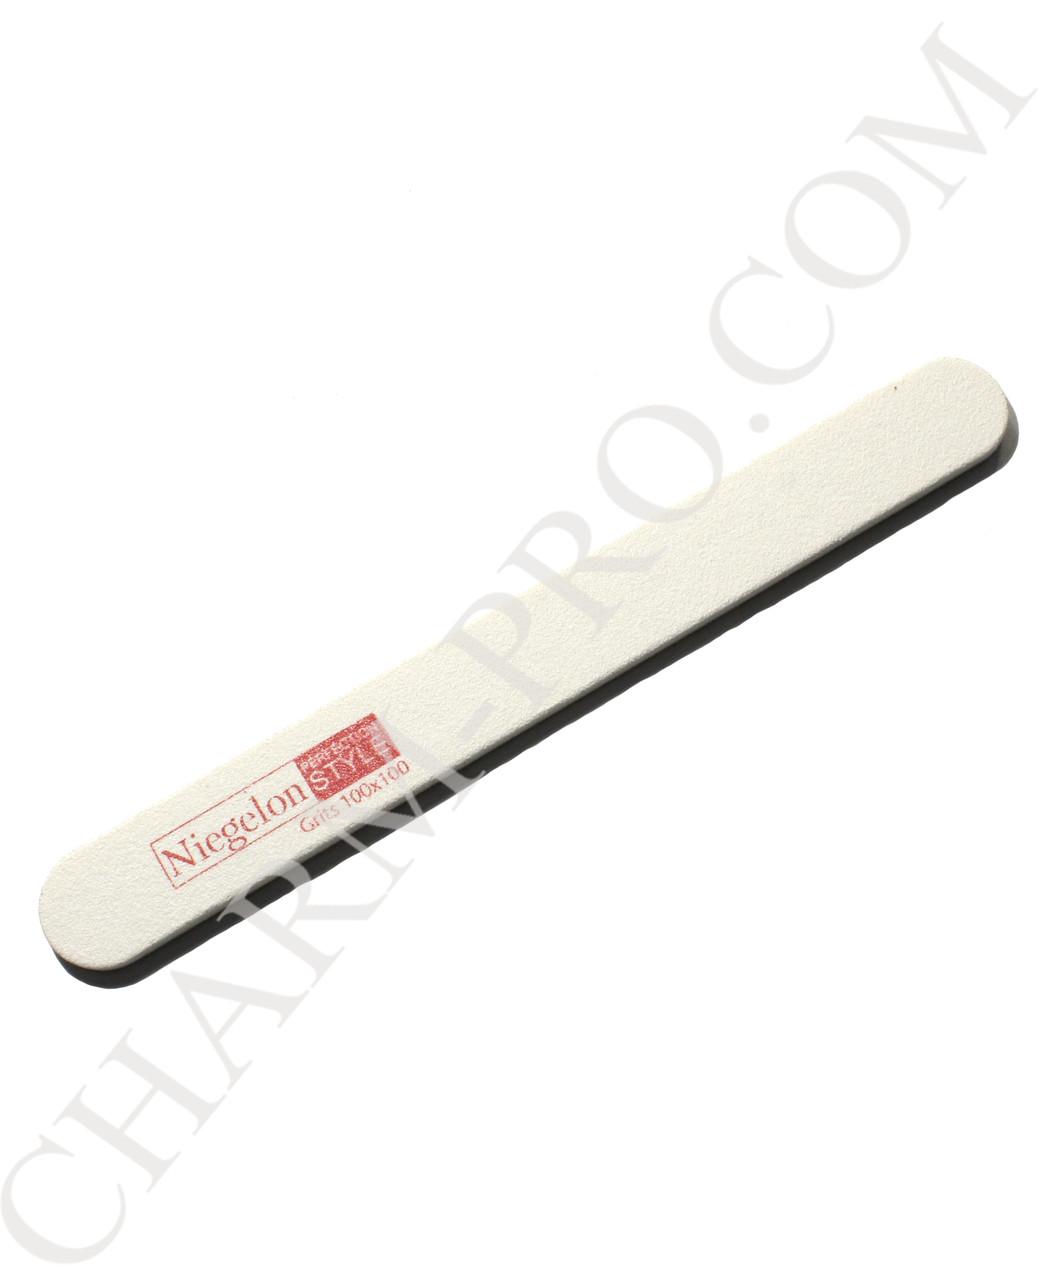 Пилочка Niegelon 100/100 узкая прямая белая